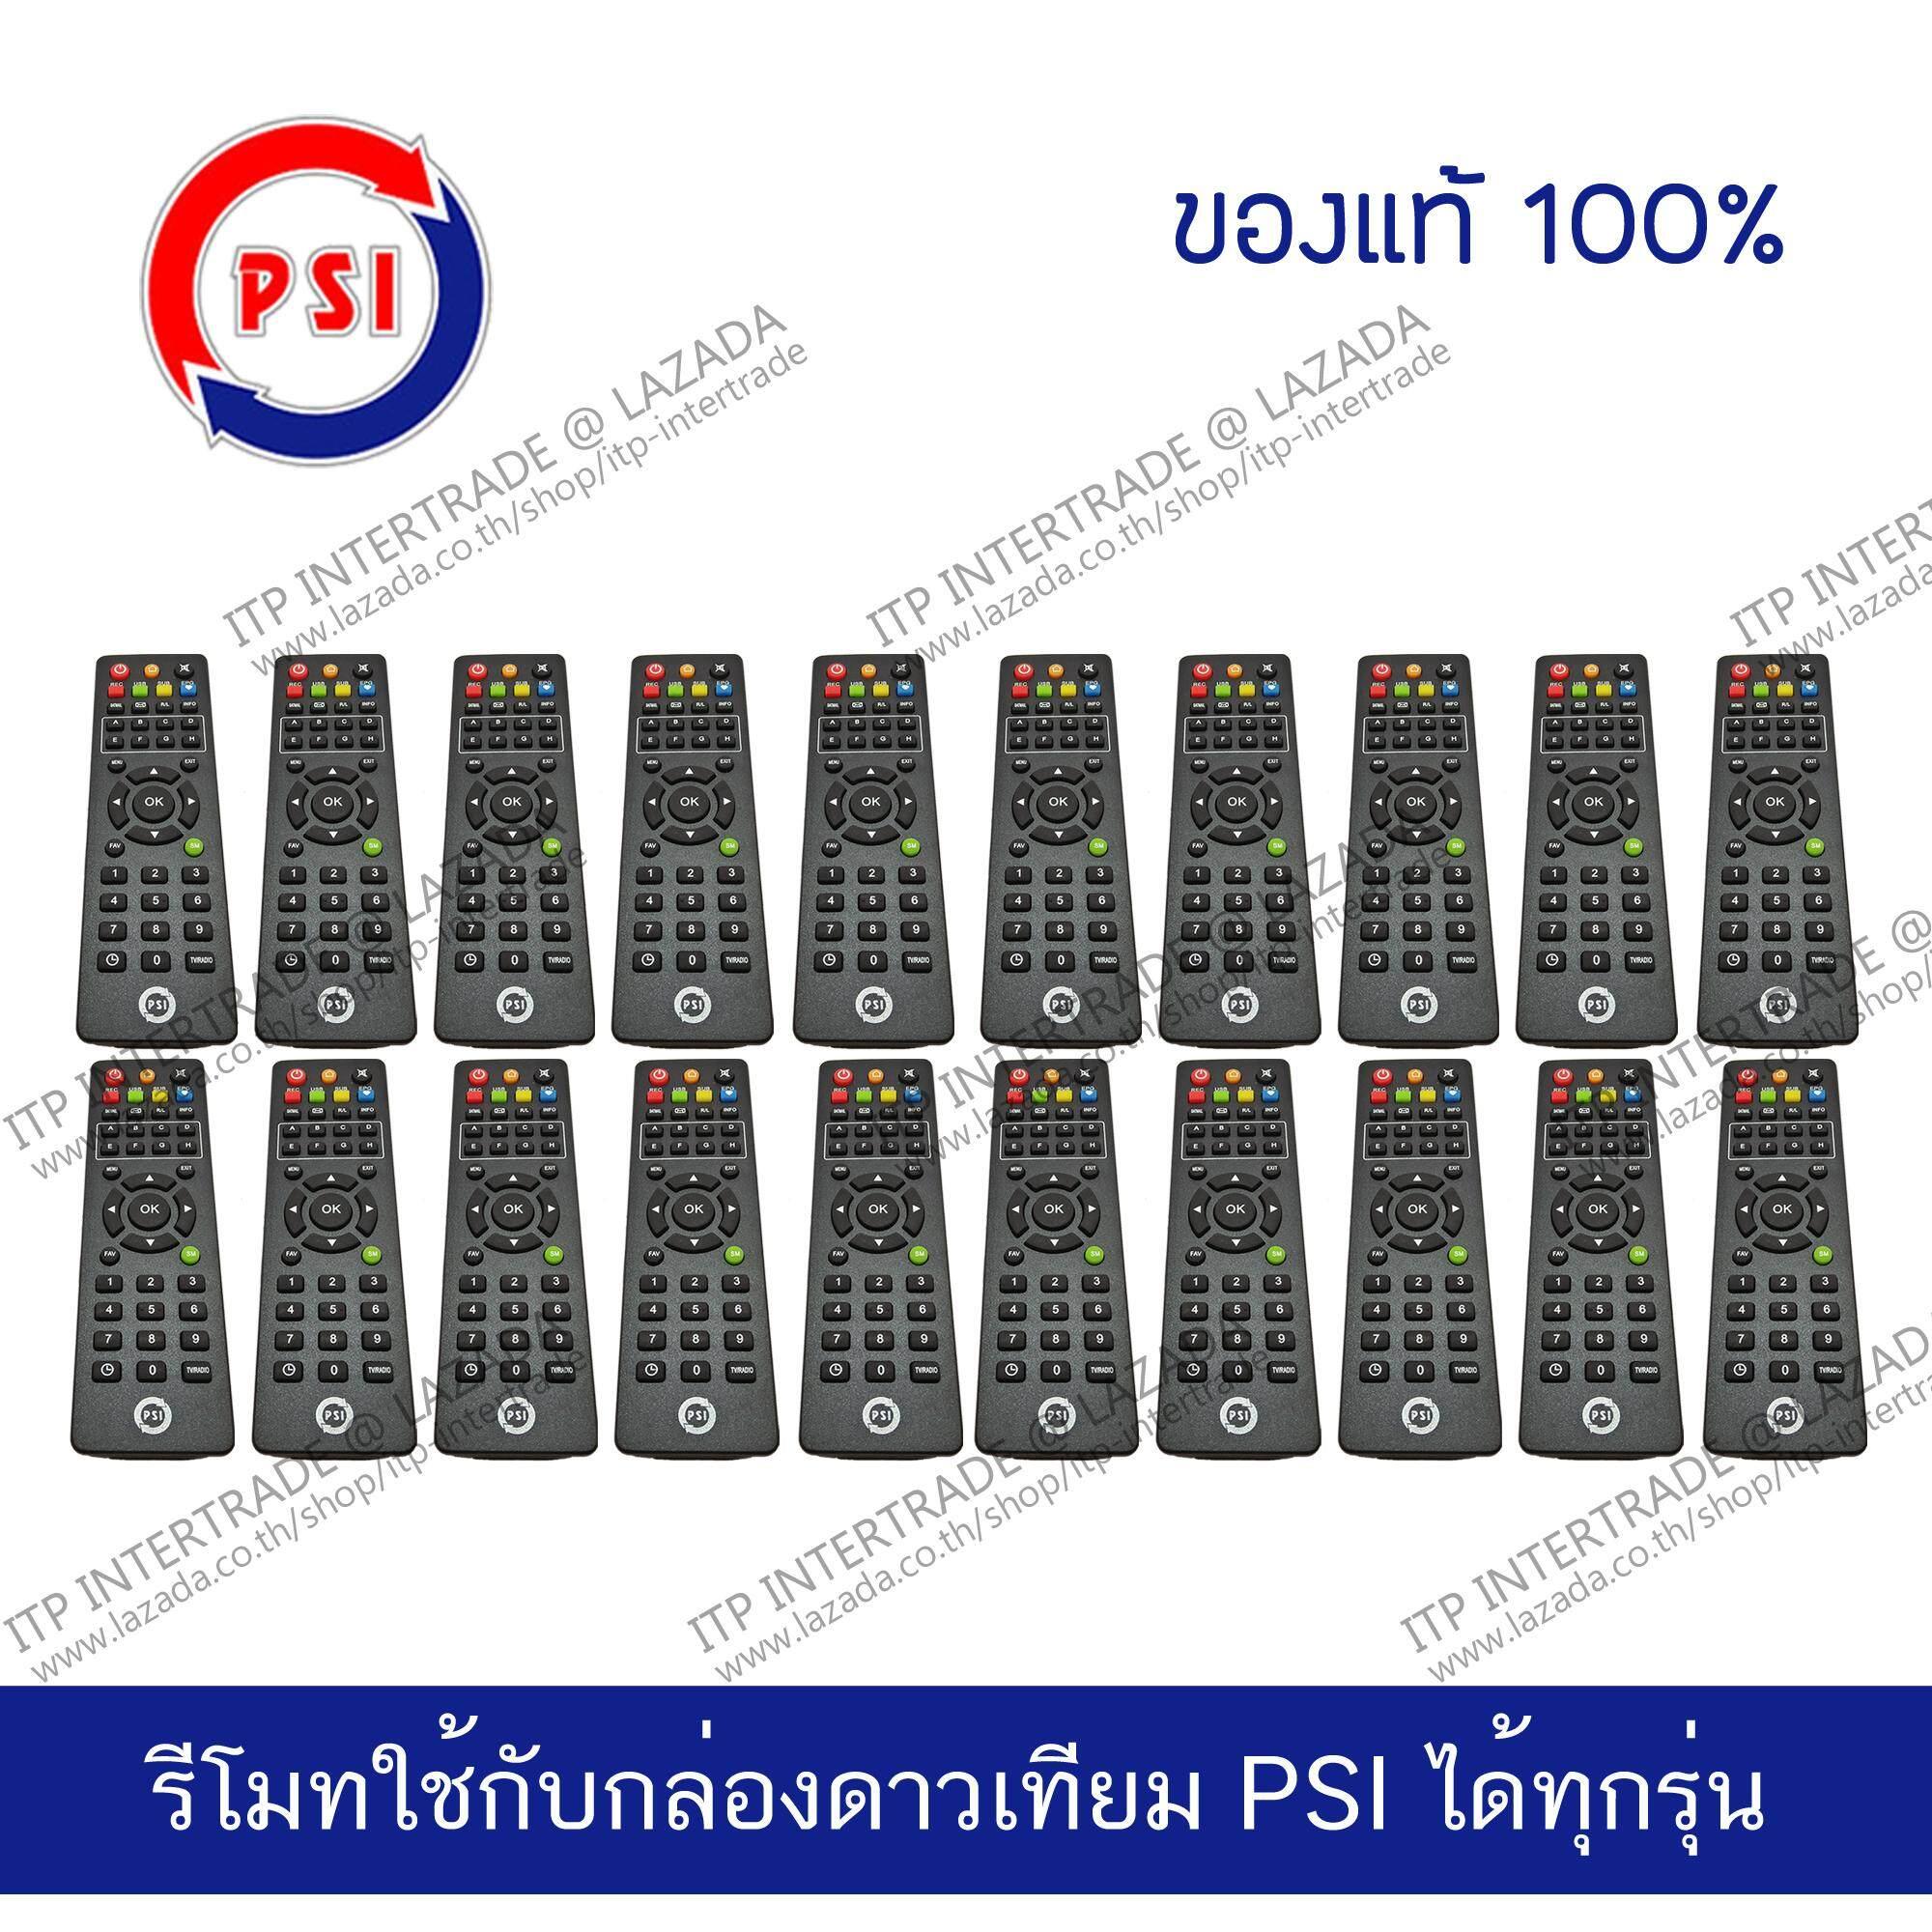 ลดสุดๆ [แพ็ค20] PSI Remote รีโมทใช้กับกล่องดาวเทียม PSI ได้ทุกรุ่น ของแท้ 100% (ส่ง kerry ฟรี)